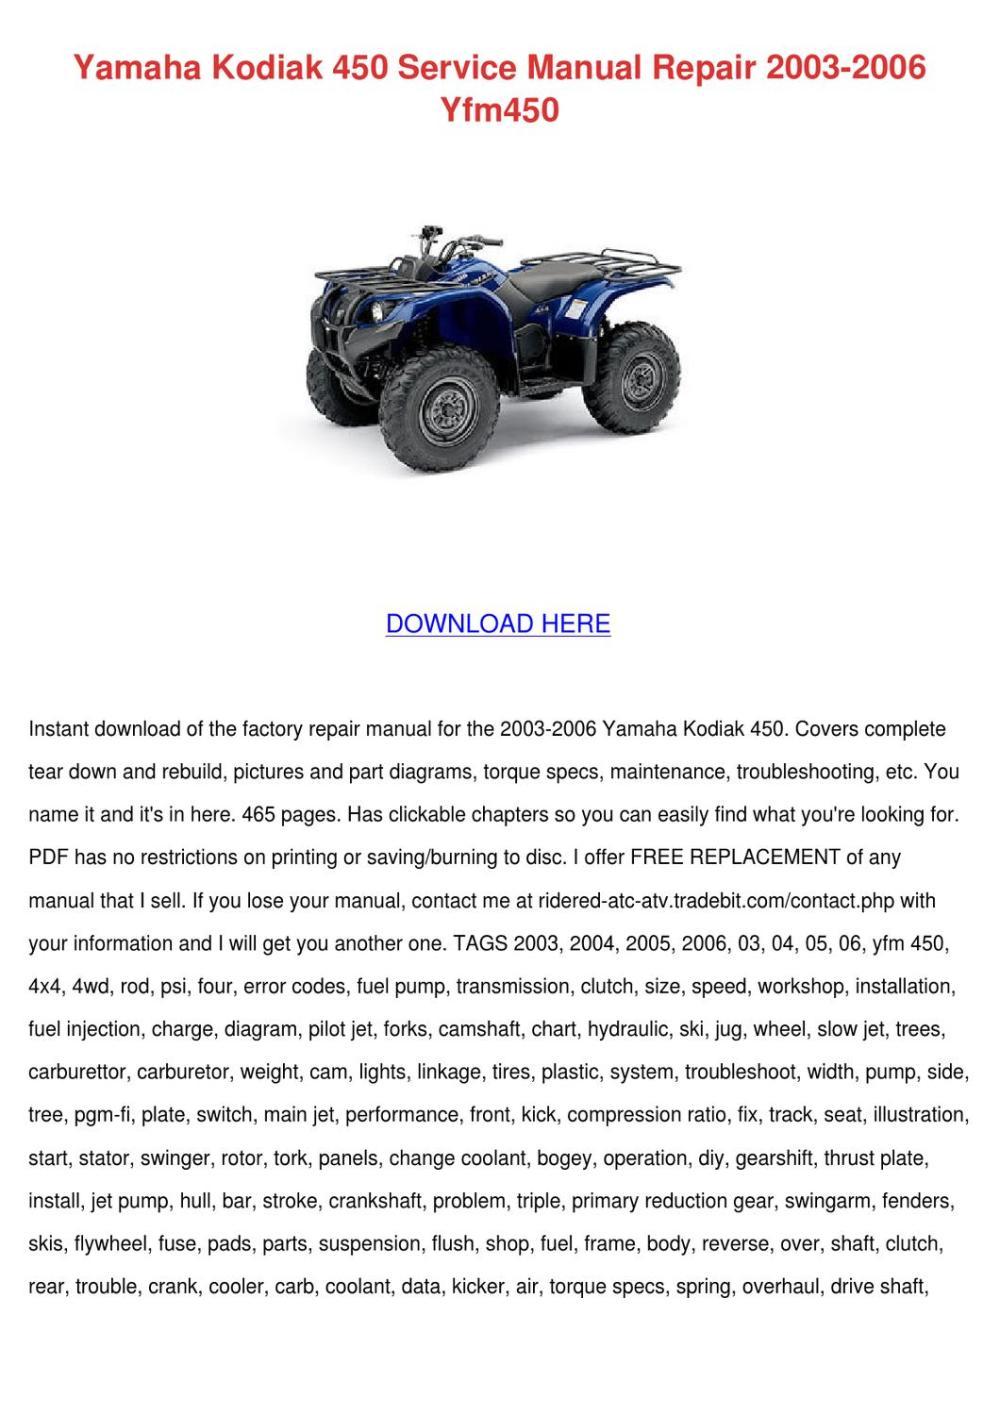 medium resolution of yamaha kodiak 450 service manual repair 2003